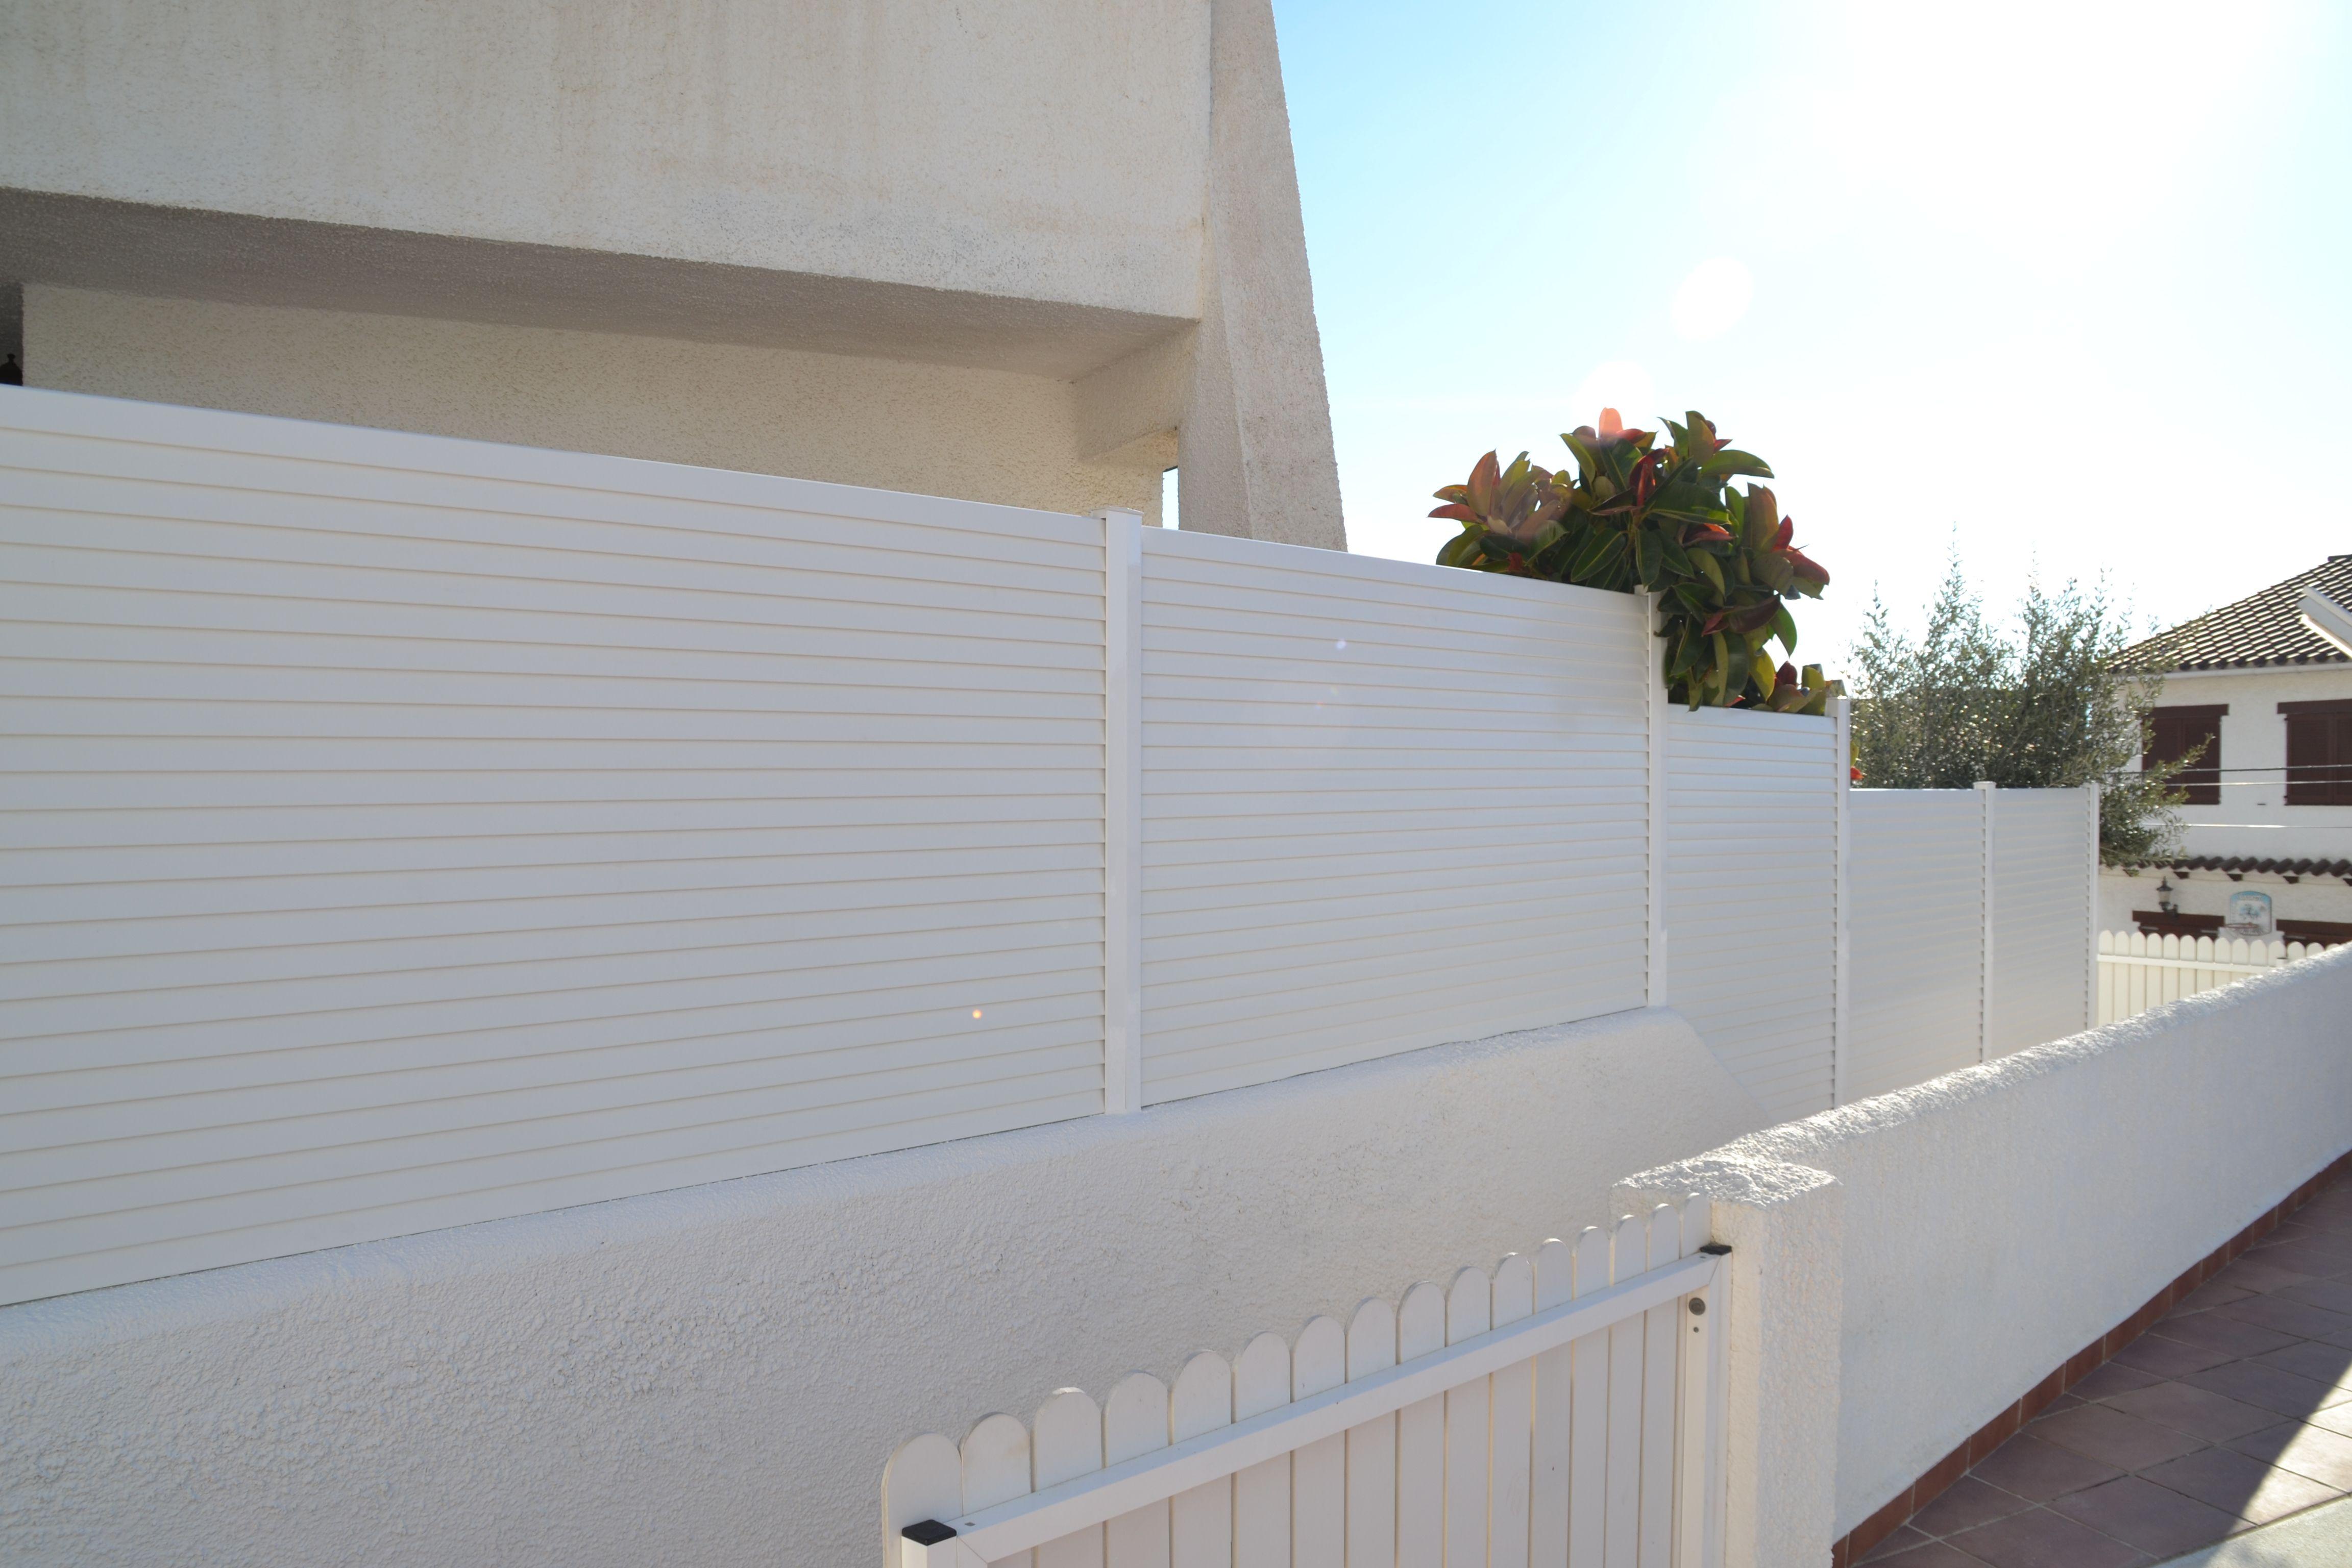 Valla de pvc, cerramiento para jardín Modelo Vall Venécia